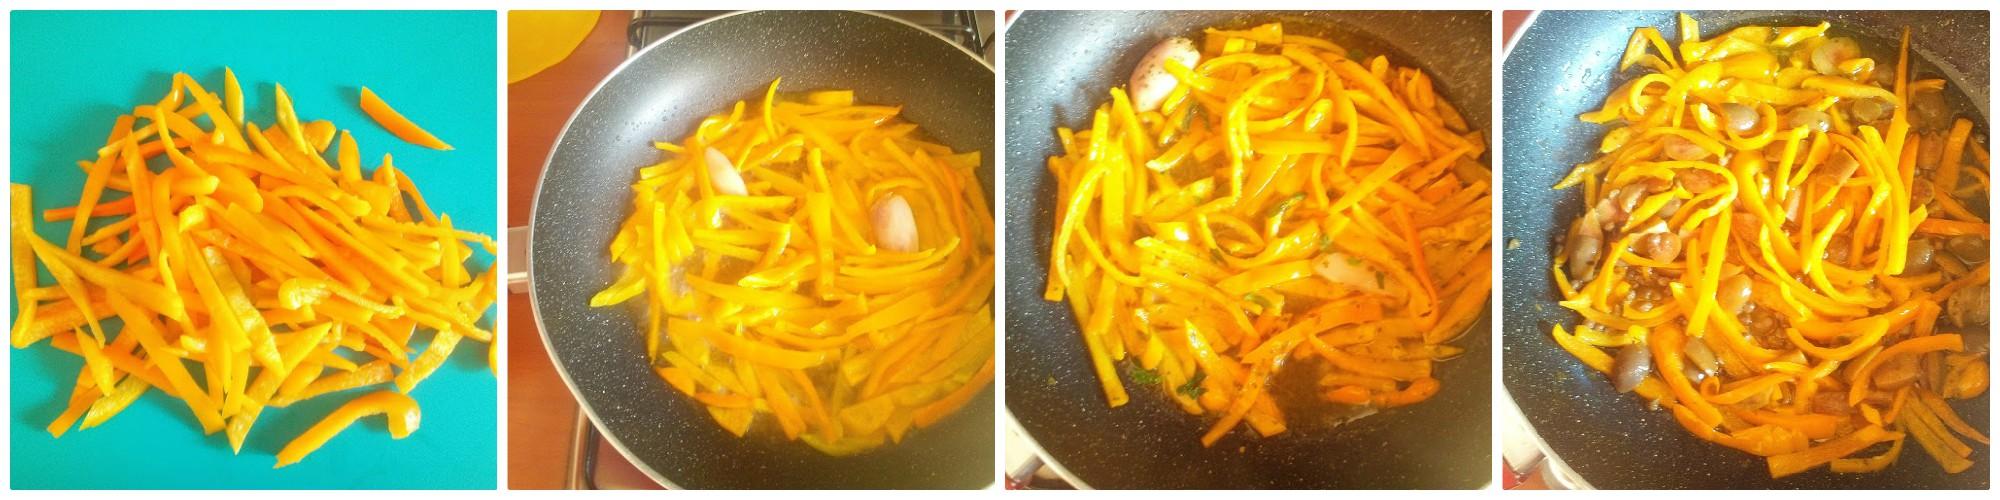 pasta con peperoni gialli olive e capperi c1